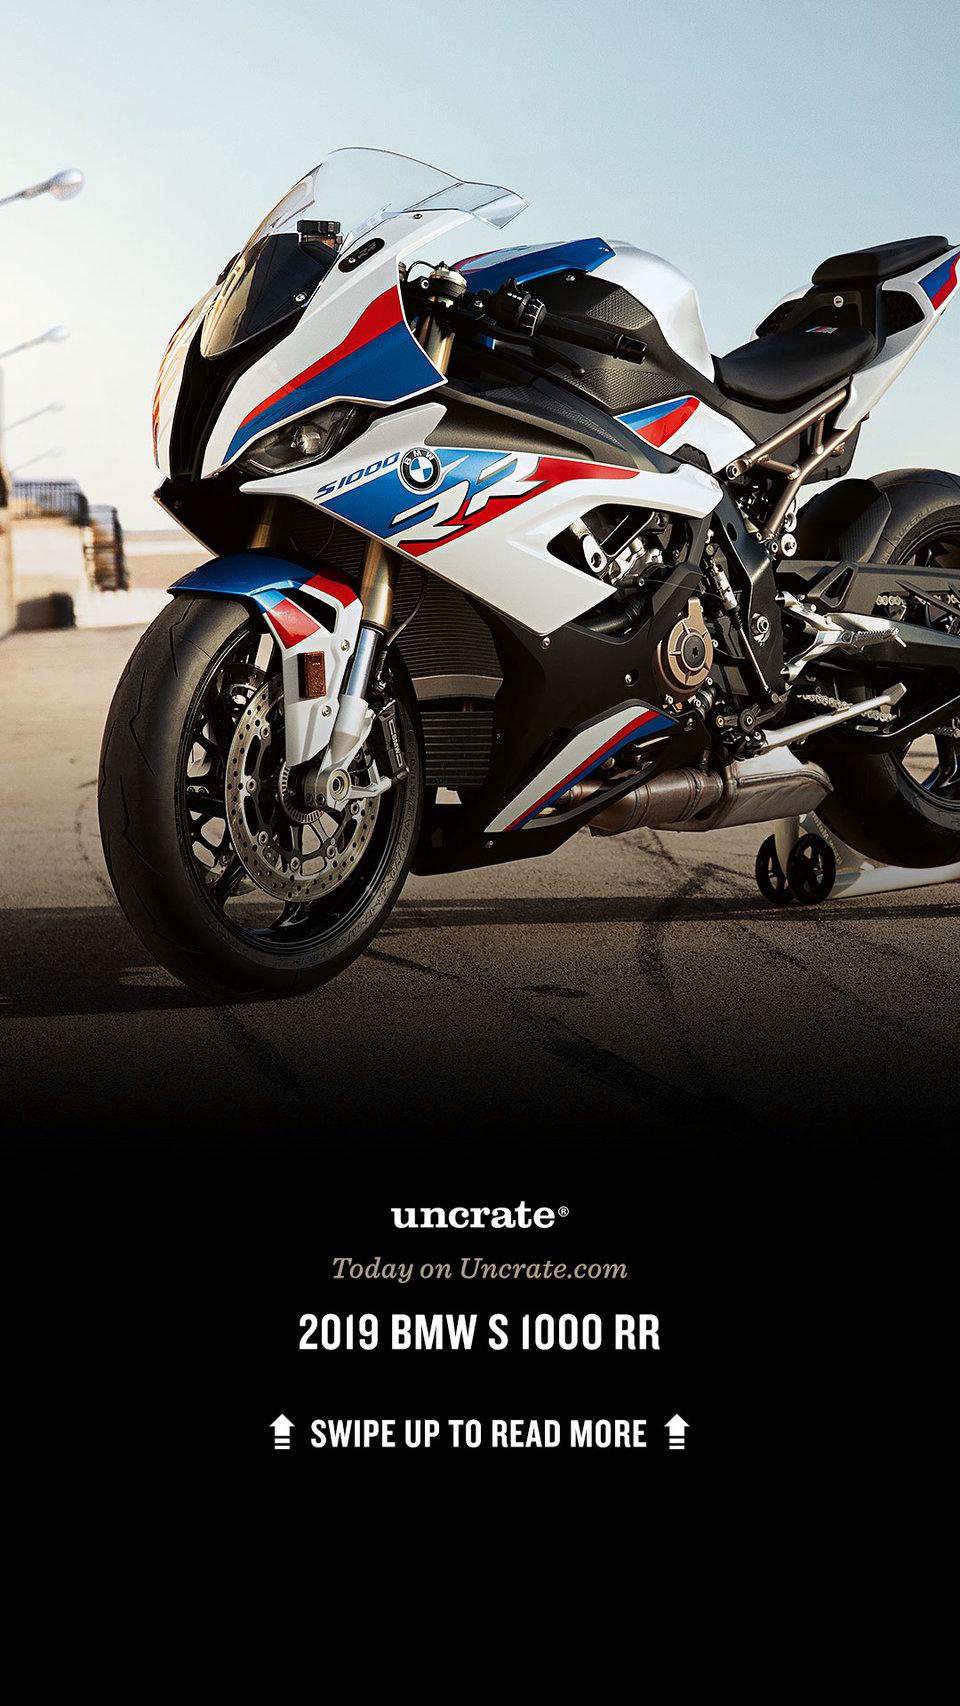 La Moto Bmw S1000 Rr 2019 Uncrate